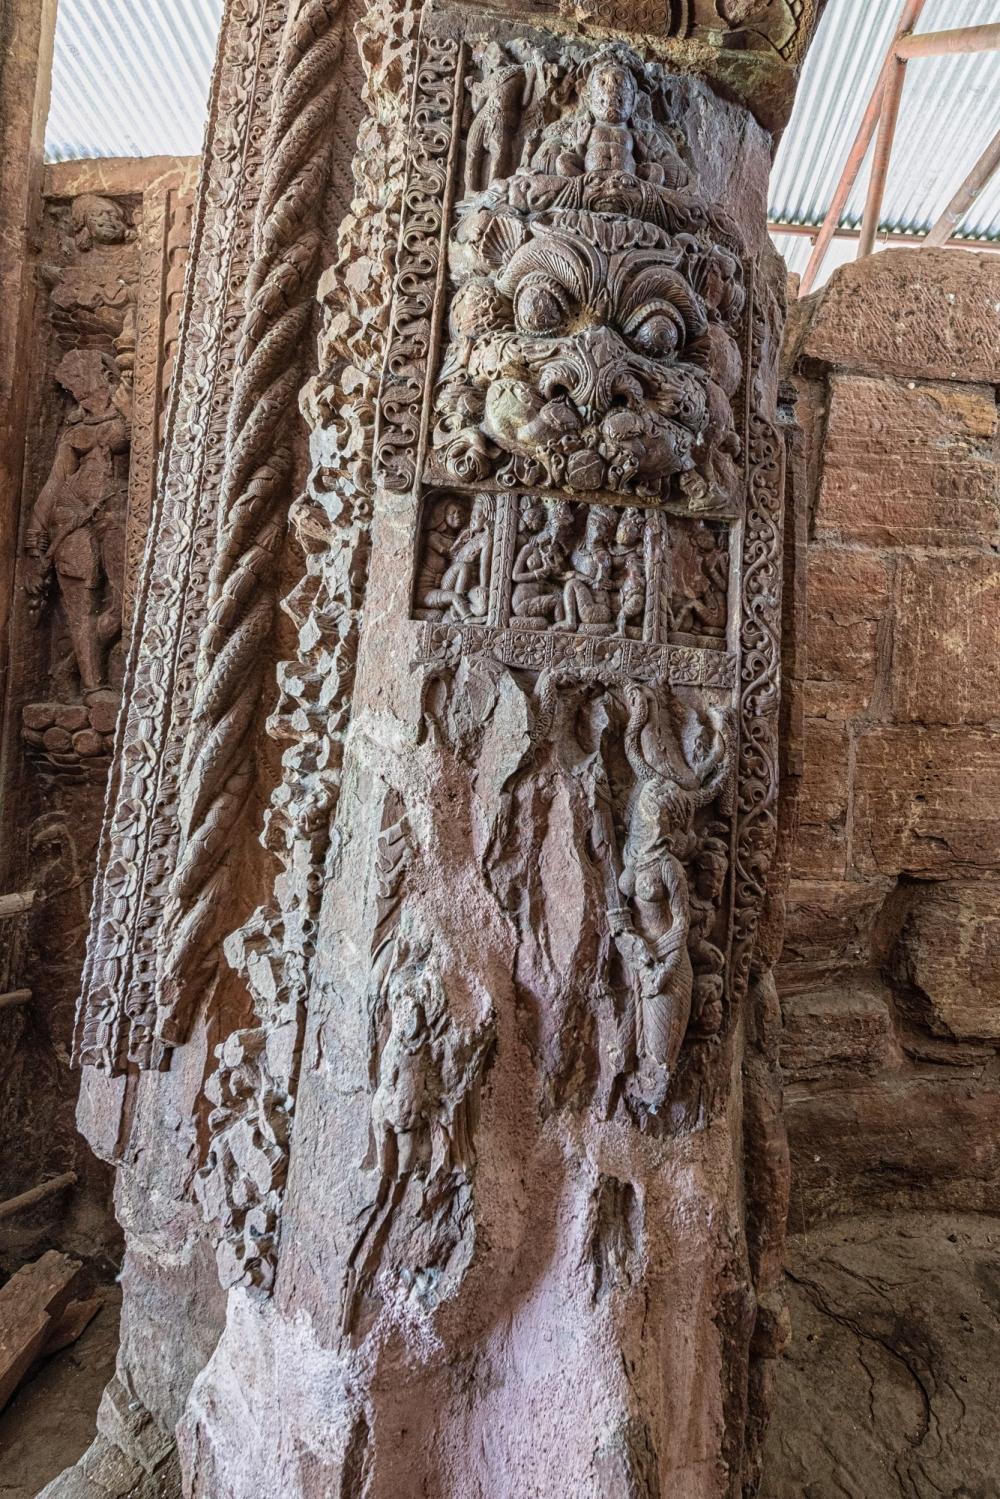 Kirtimukhs detail on the inner face of the jamb